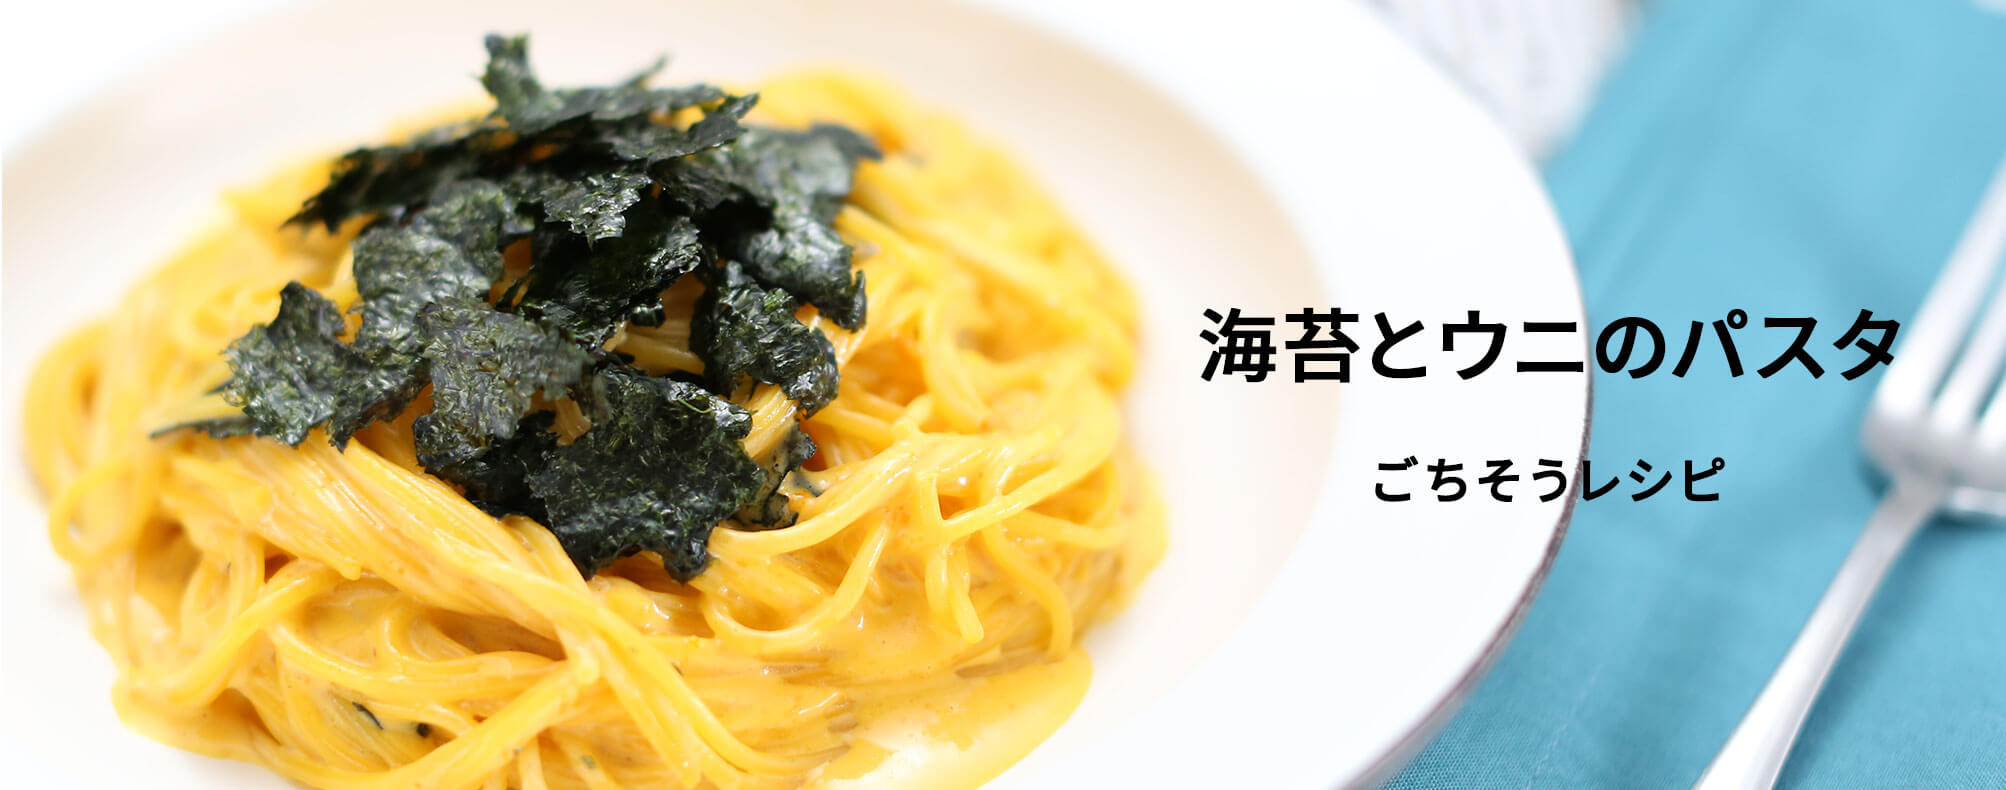 海苔とウニのパスタ 今月のごちそうレシピ